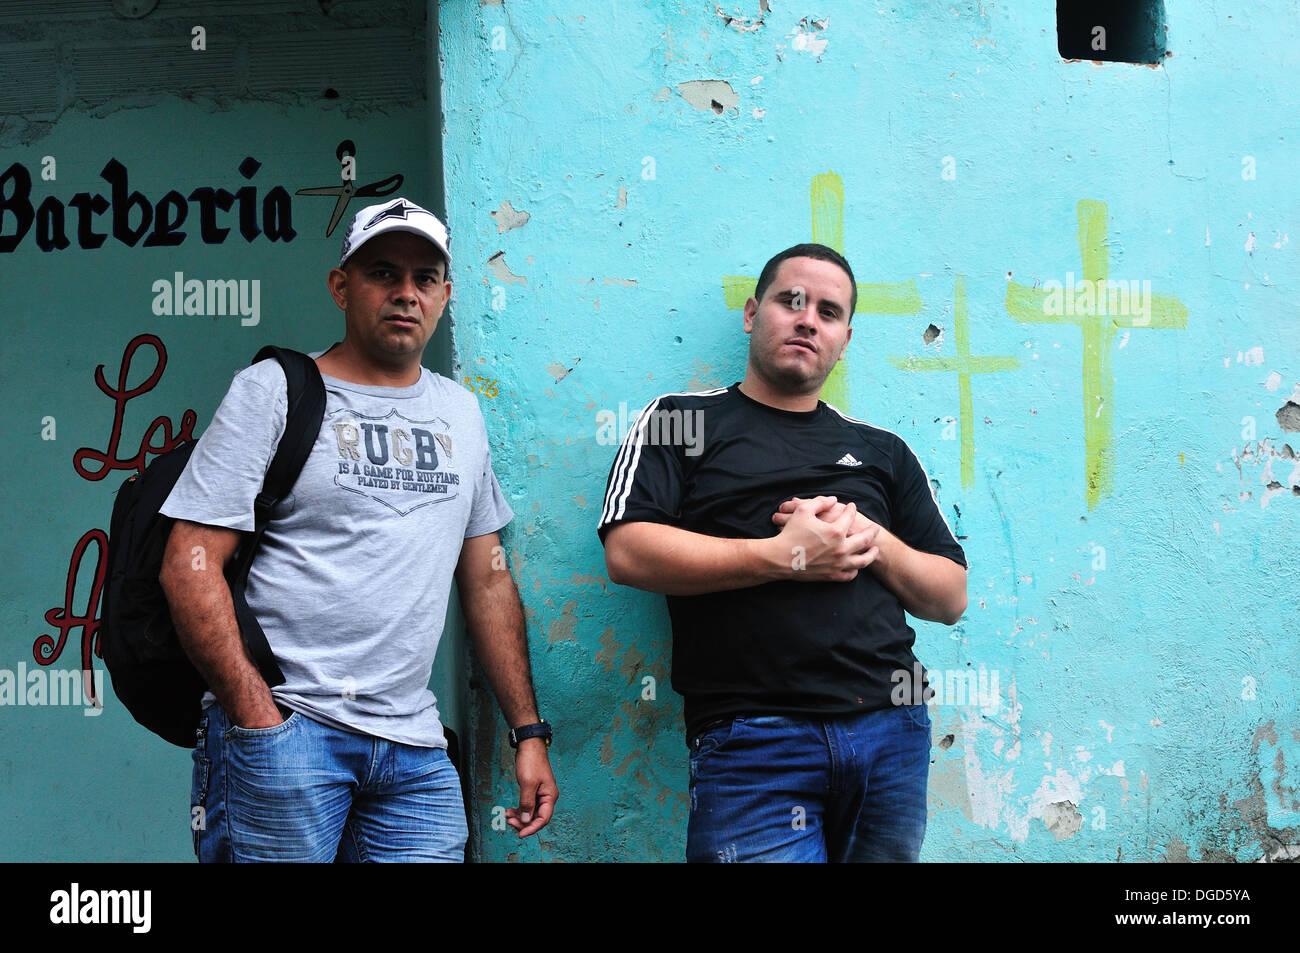 La comuna 13 - 20 de julio distrito .en Medellín, Departamento de Antioquia. COLOMBIA Imagen De Stock